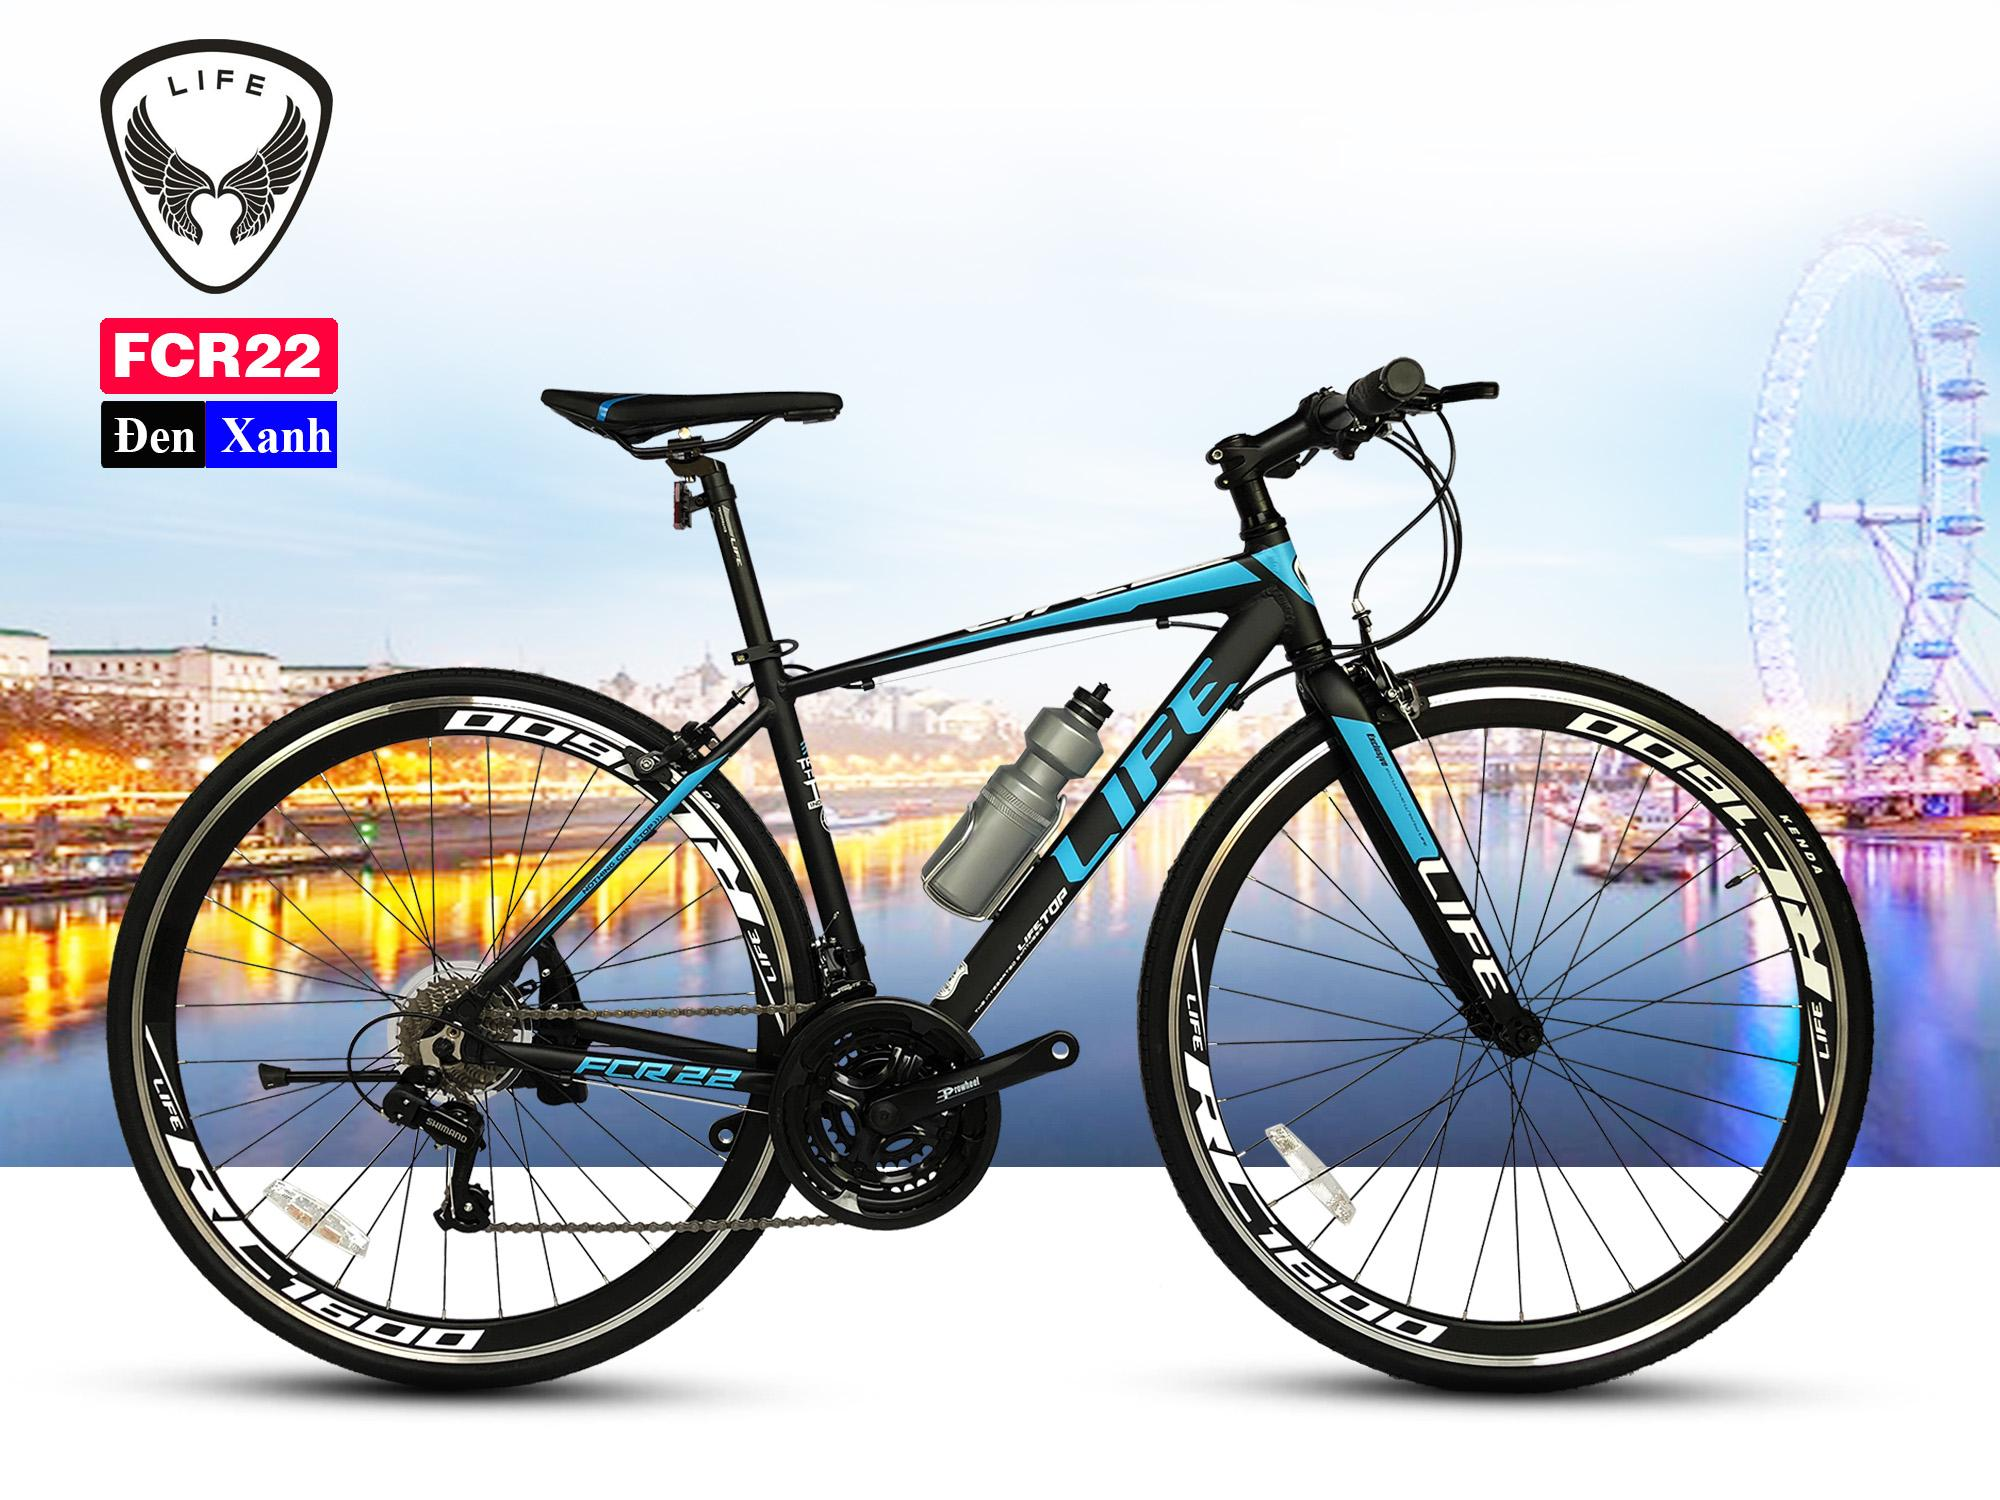 Mua Xe Đạp Touring Đài Loan LIFE FCR22 - khung nhôm siêu nhẹ, Shimano Tourney 21 tốc độ, càng đơ, lốp 700x28